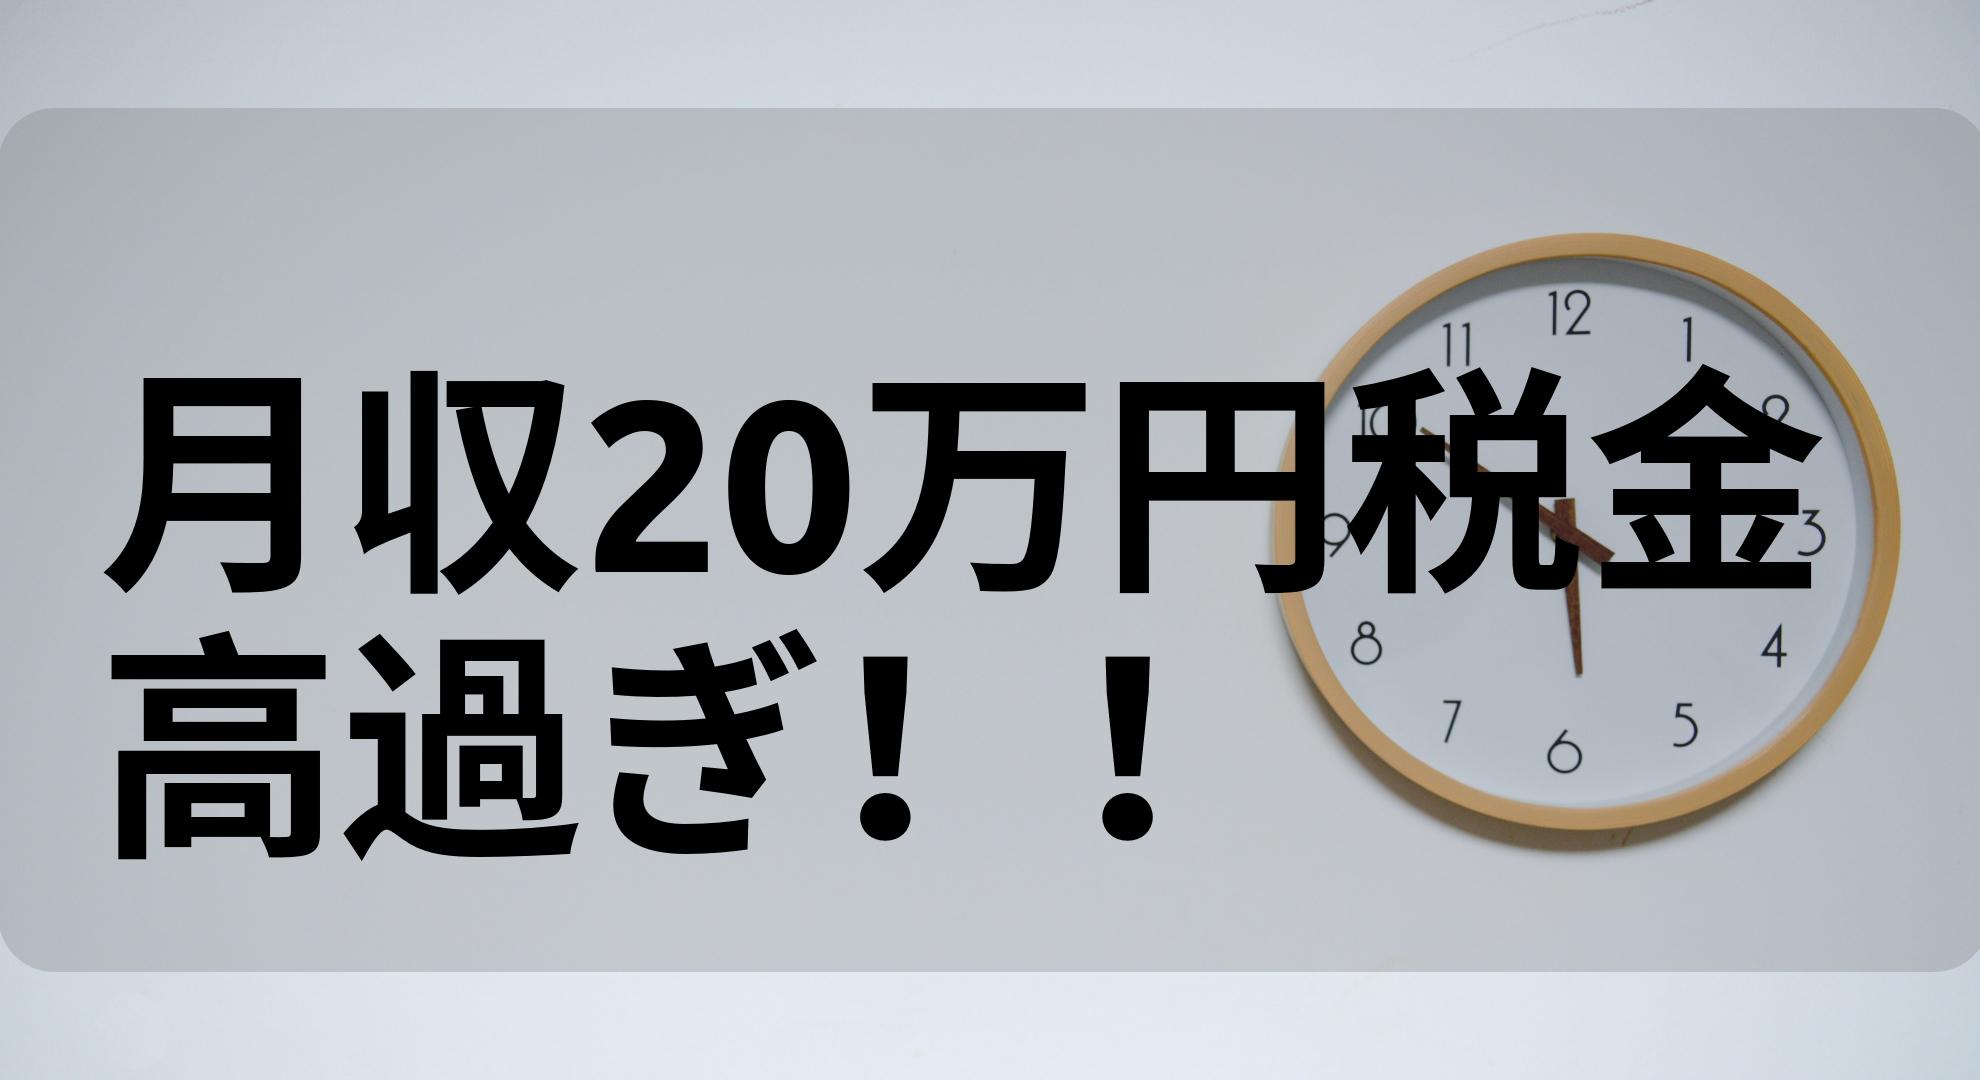 月収20万円の税金と社会保障費が高過ぎ笑えないっっw【2019年度版】